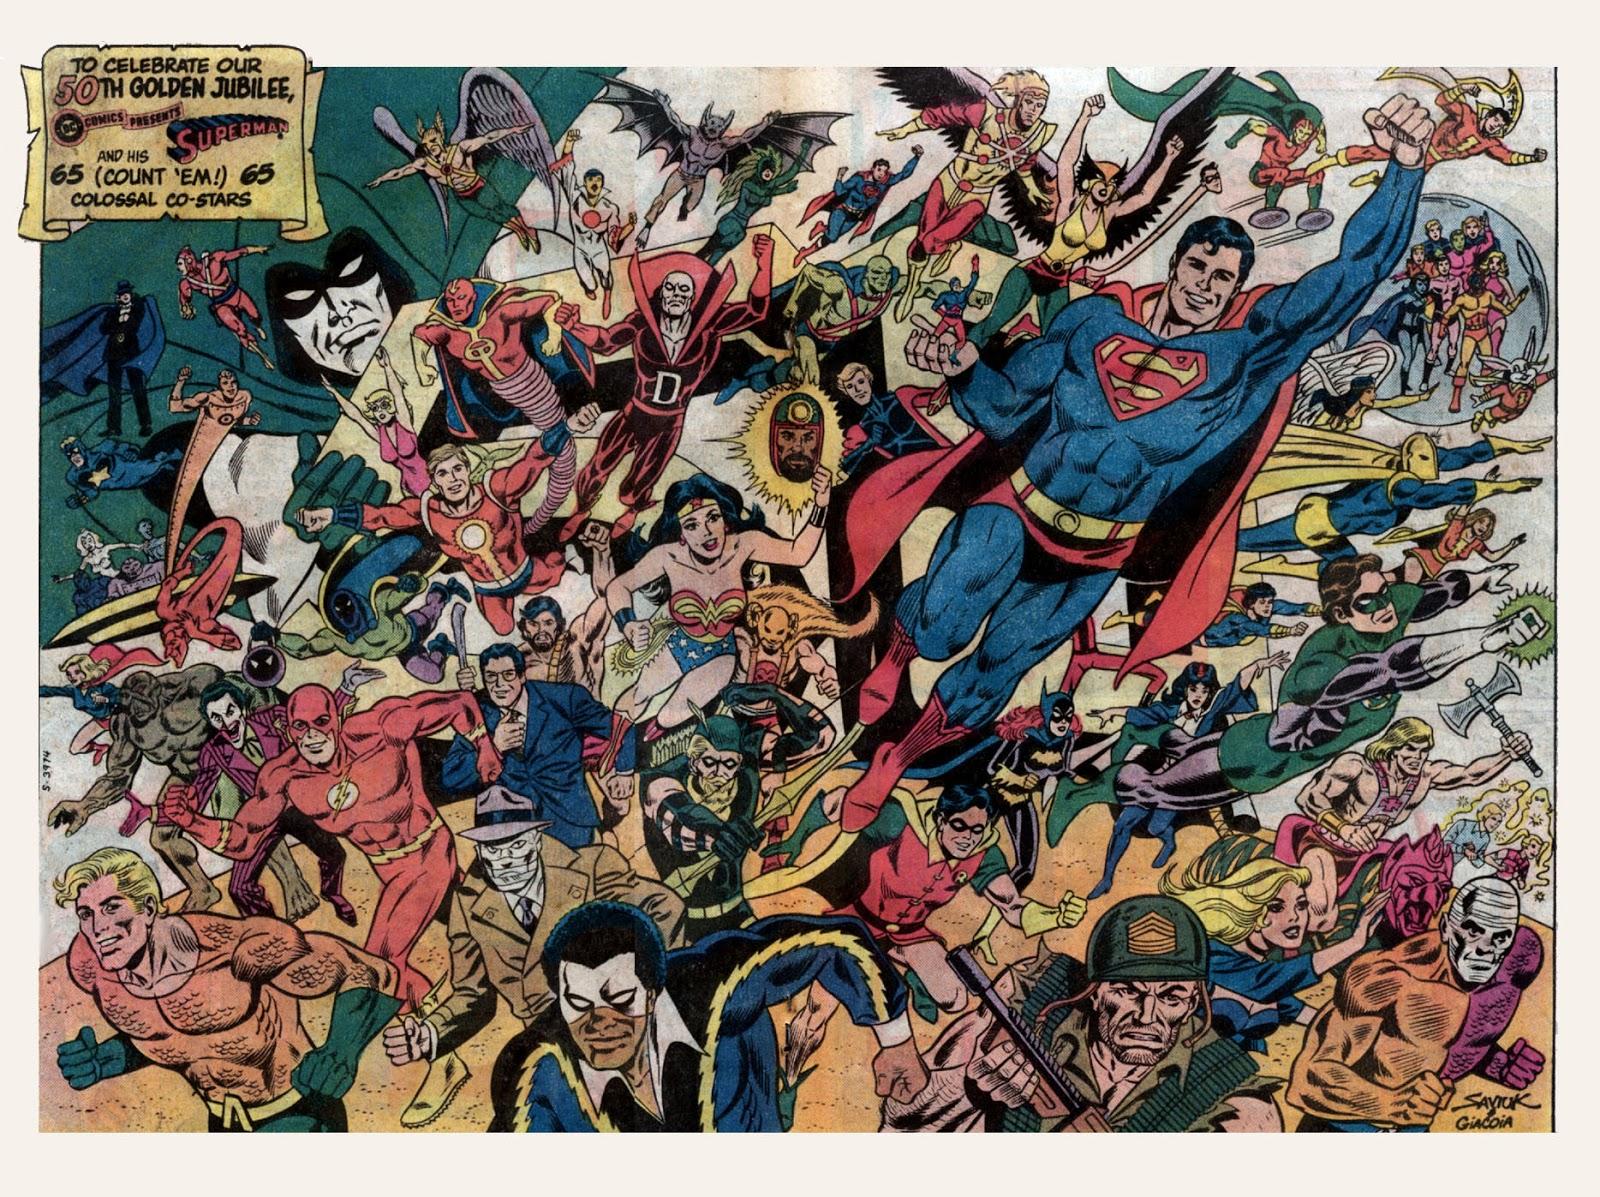 http://3.bp.blogspot.com/-cjXXNvZXDDc/UijkMcjREjI/AAAAAAAAPaw/1JdB_xDr4jE/s1600/DC_Comics_Presents_50_pinup.jpg